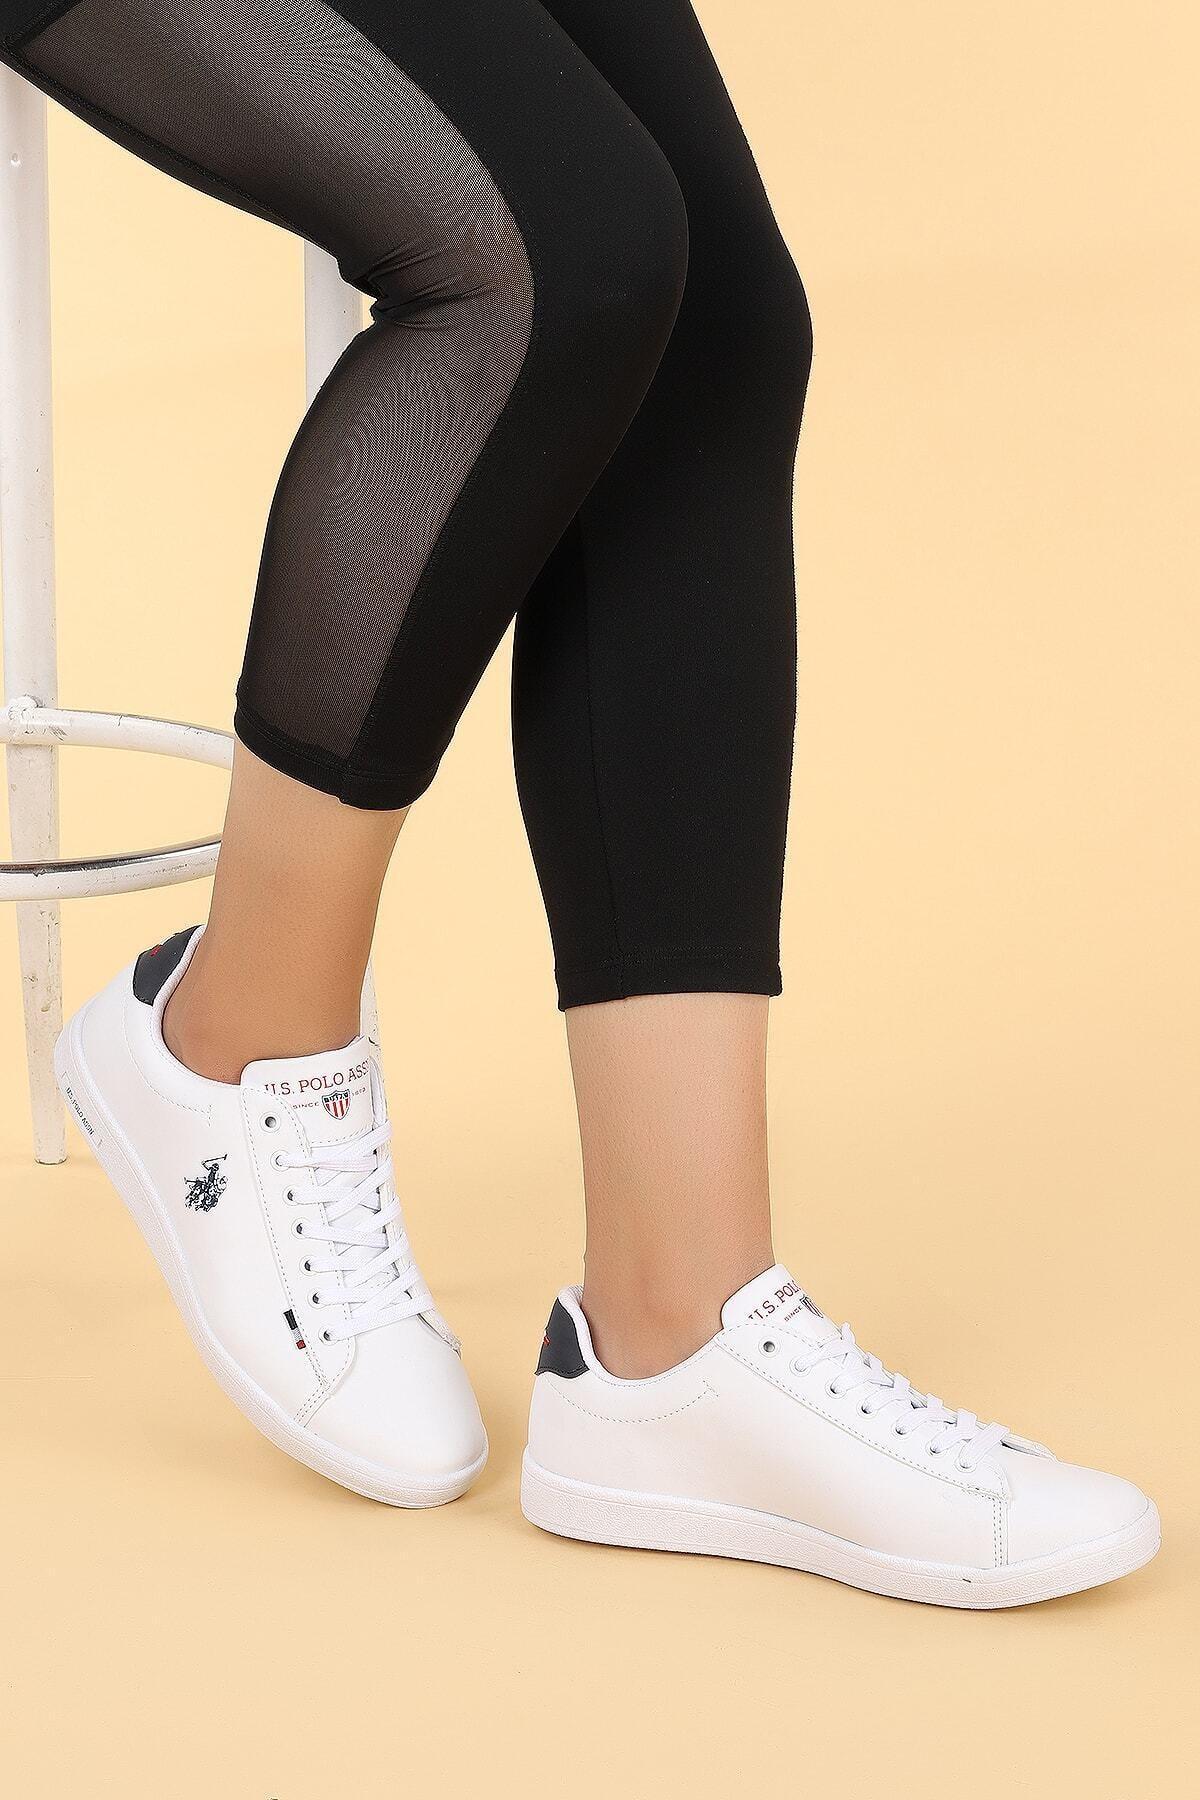 U.S. Polo Assn. U.s Polo Assn. Franco Beyaz Unisex Sneaker 2